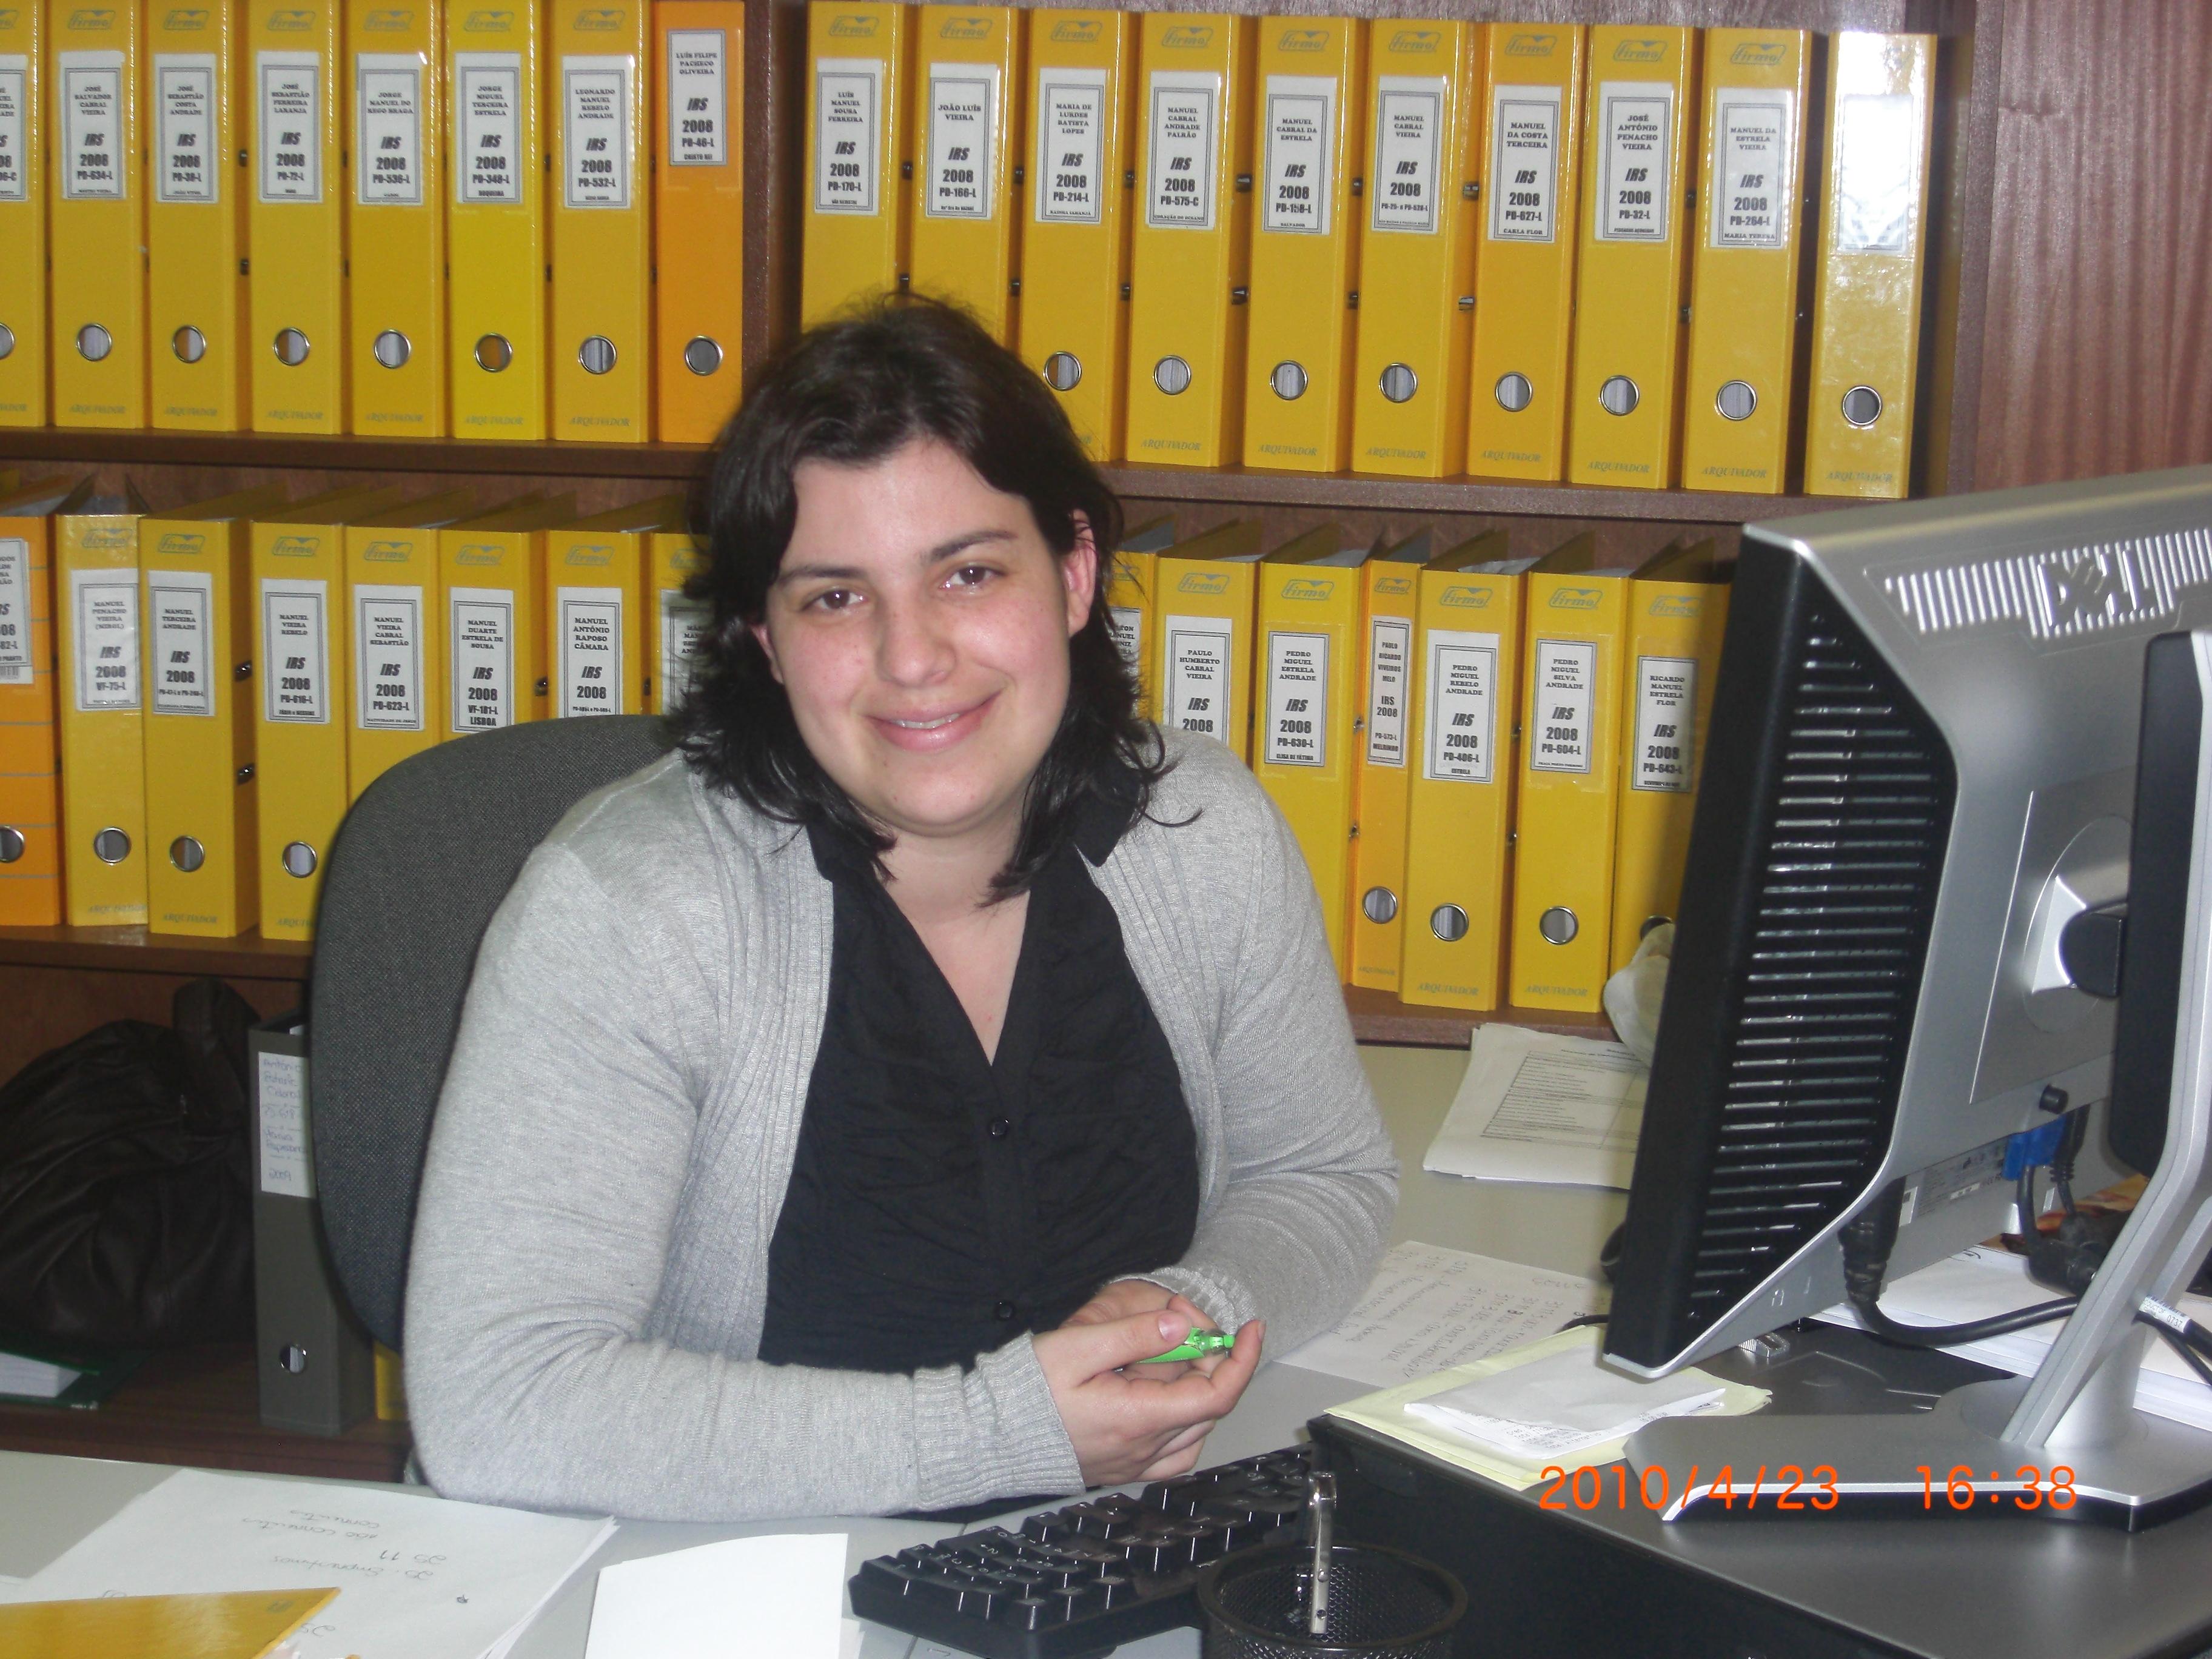 Contato com mulheres em do Ponta Delgada-7508